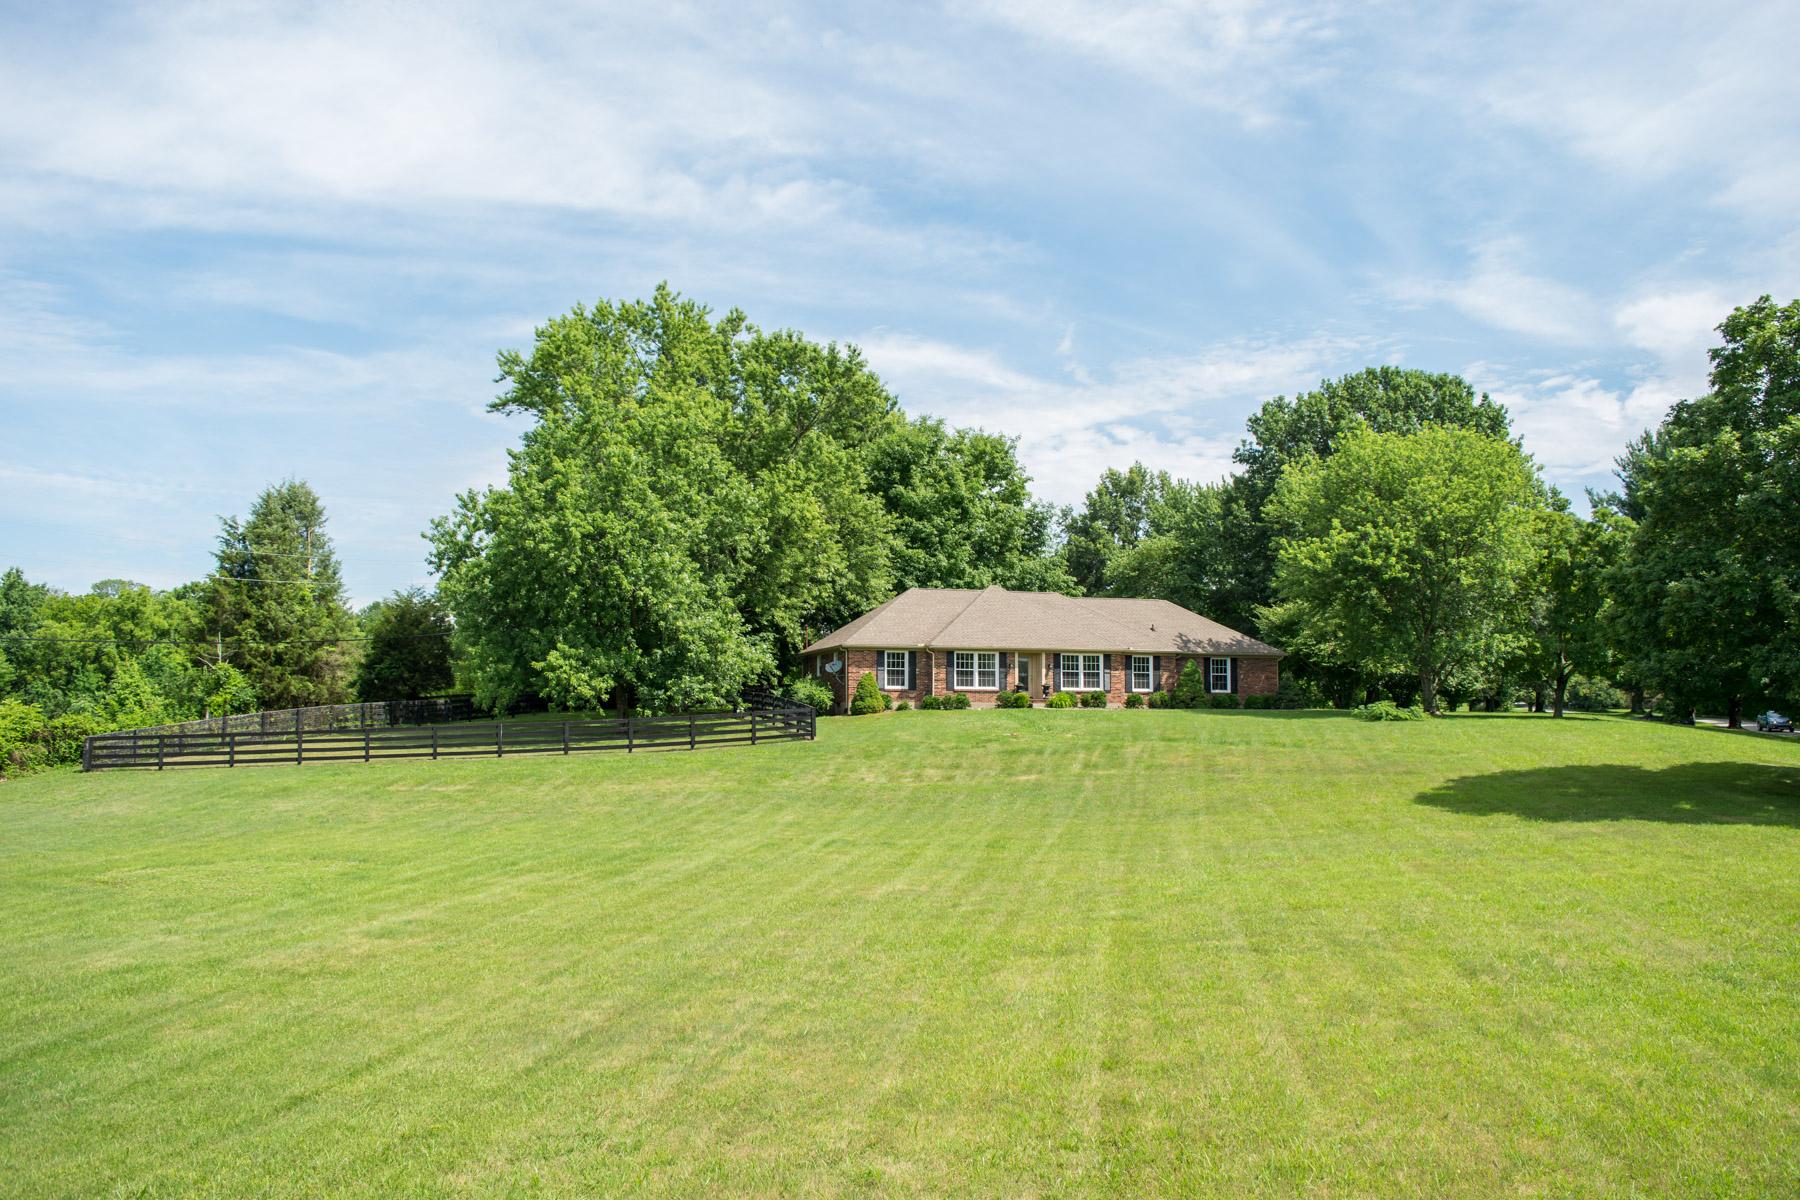 Maison unifamiliale pour l Vente à 3708 Constantine Drive Prospect, Kentucky 40059 États-Unis